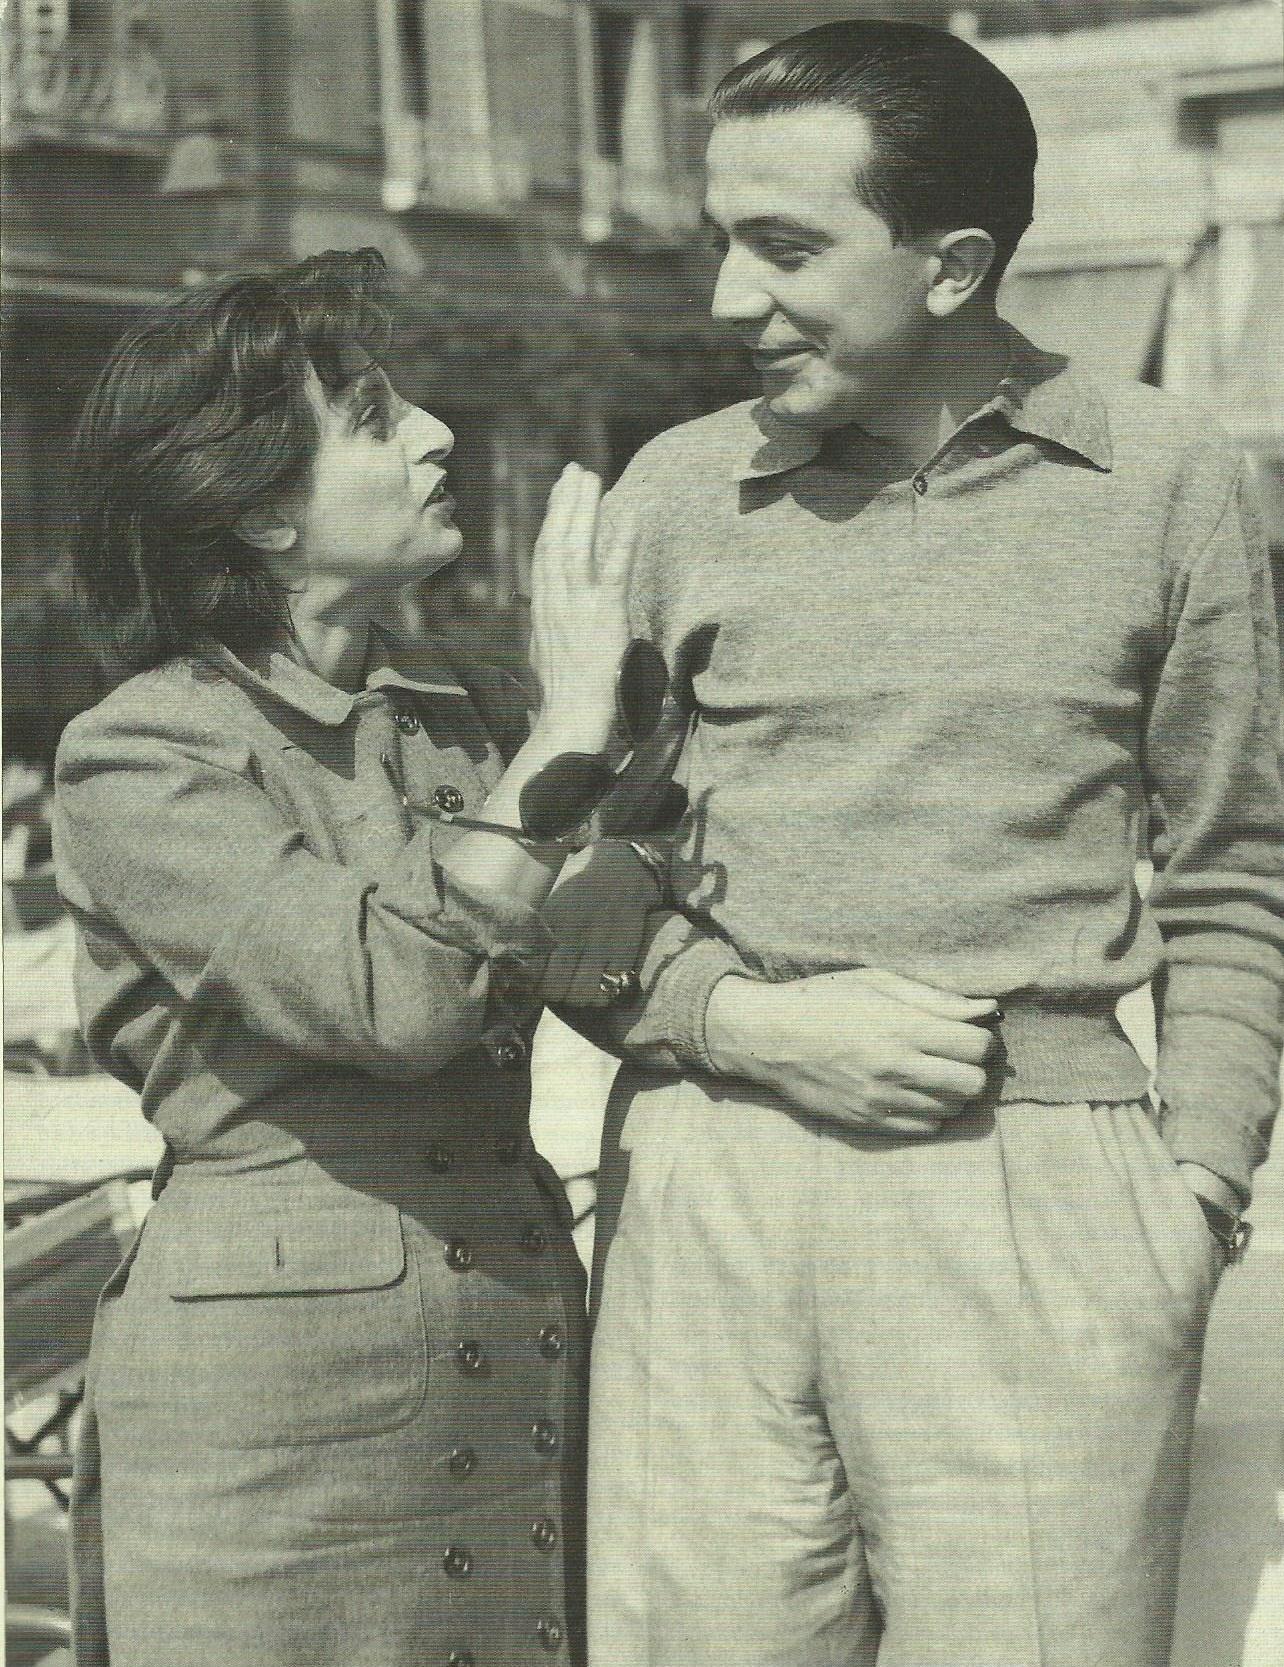 Anna Magnani con Giulio Andreotti in una scena del documentario Giulio Andreotti - Il cinema visto da vicino